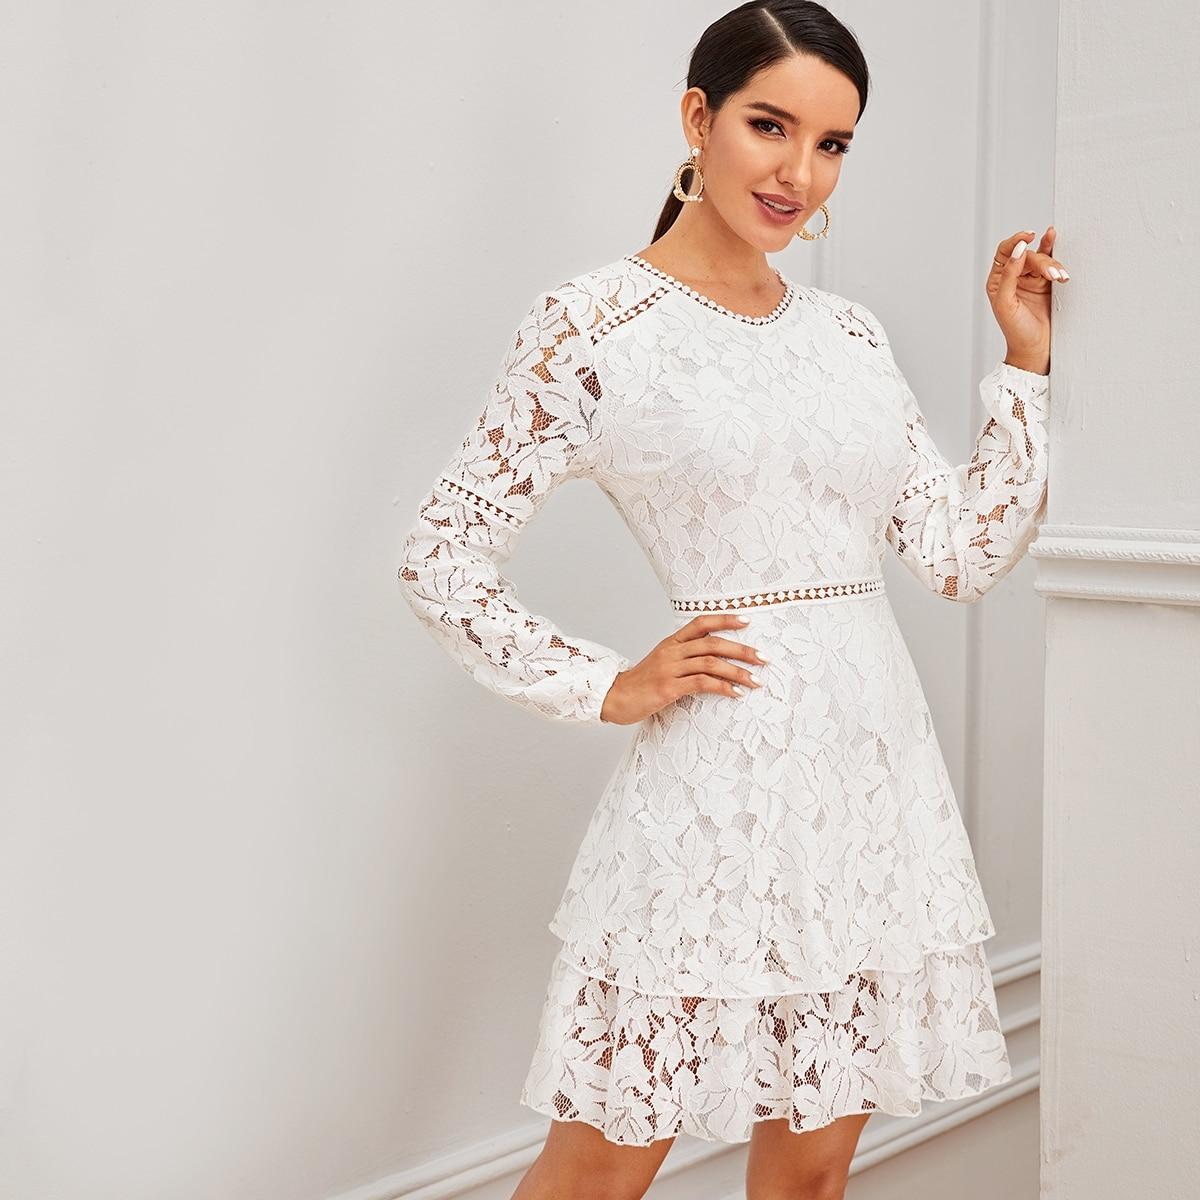 Многослойное платье с кружевом и молнией Image